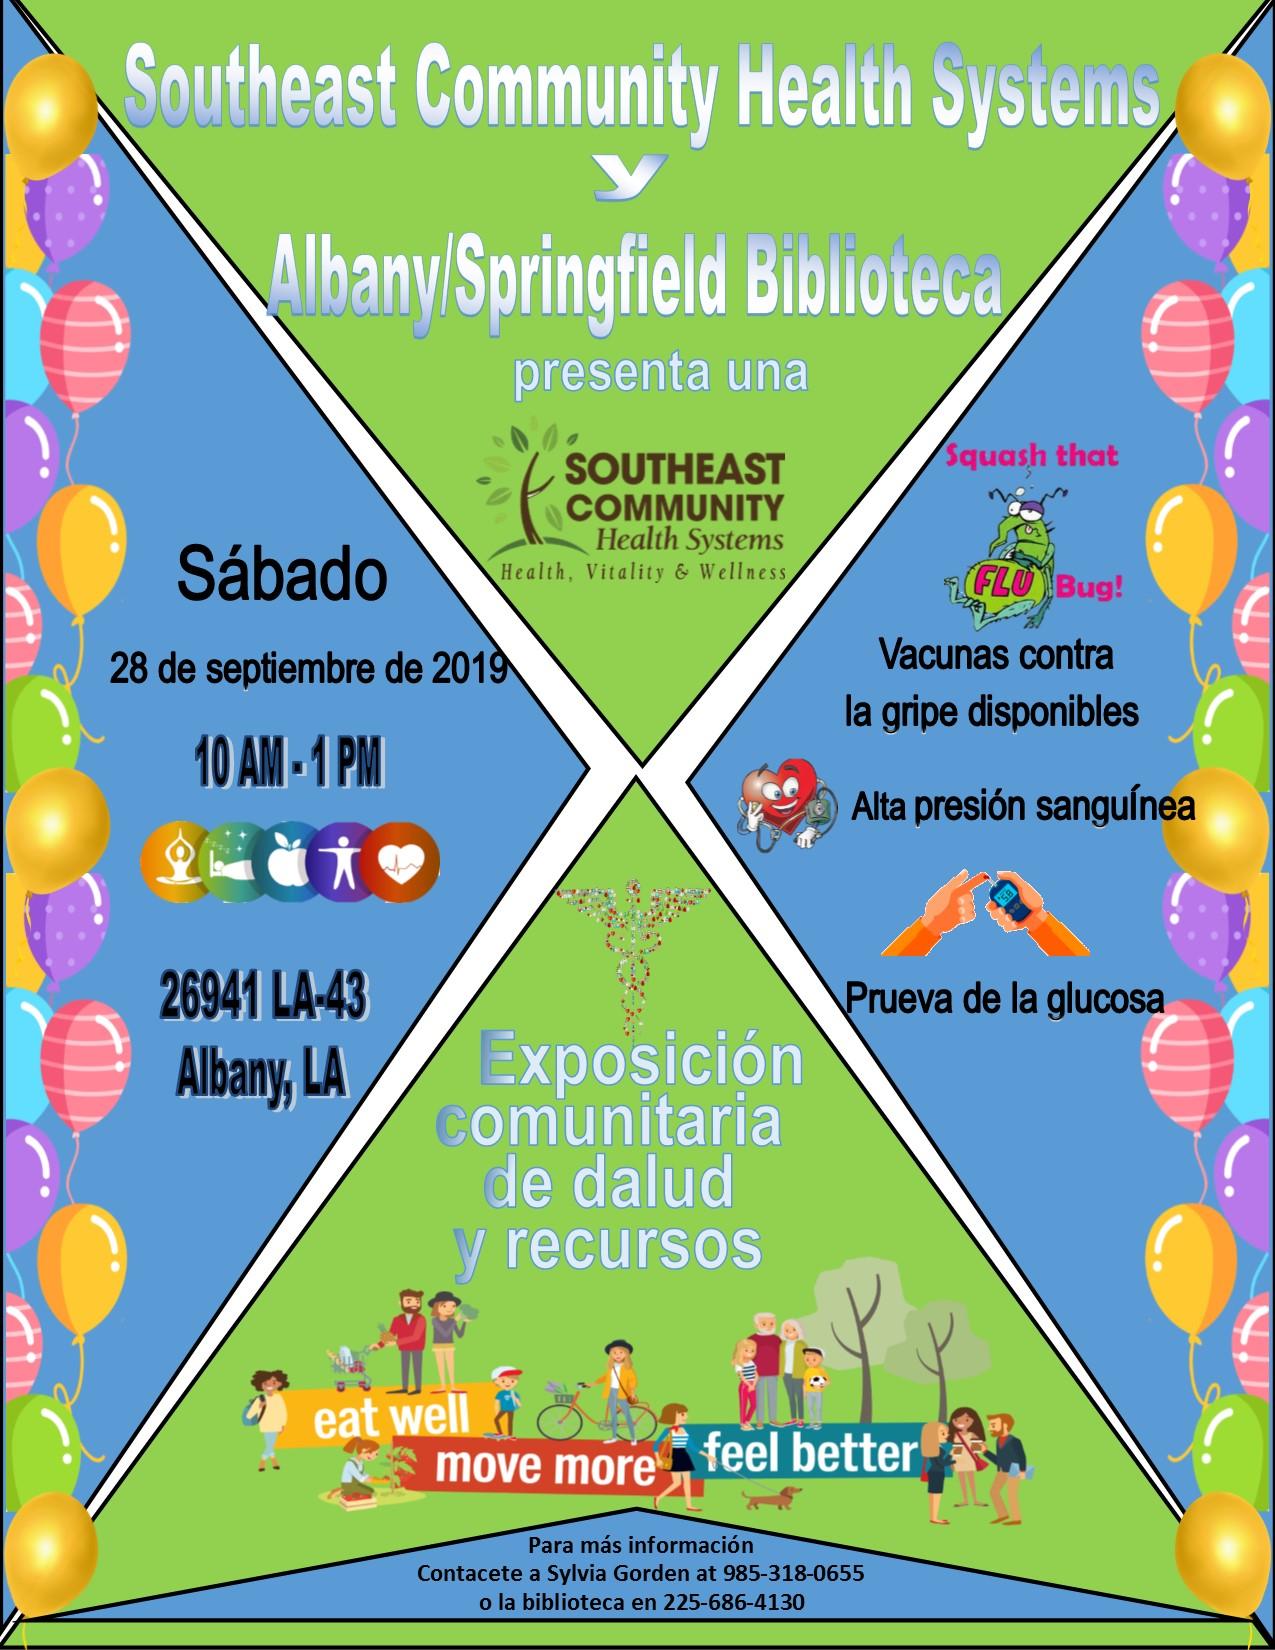 SCHS-Albany Springfield Library Health Expo.Spanish.rvsd.